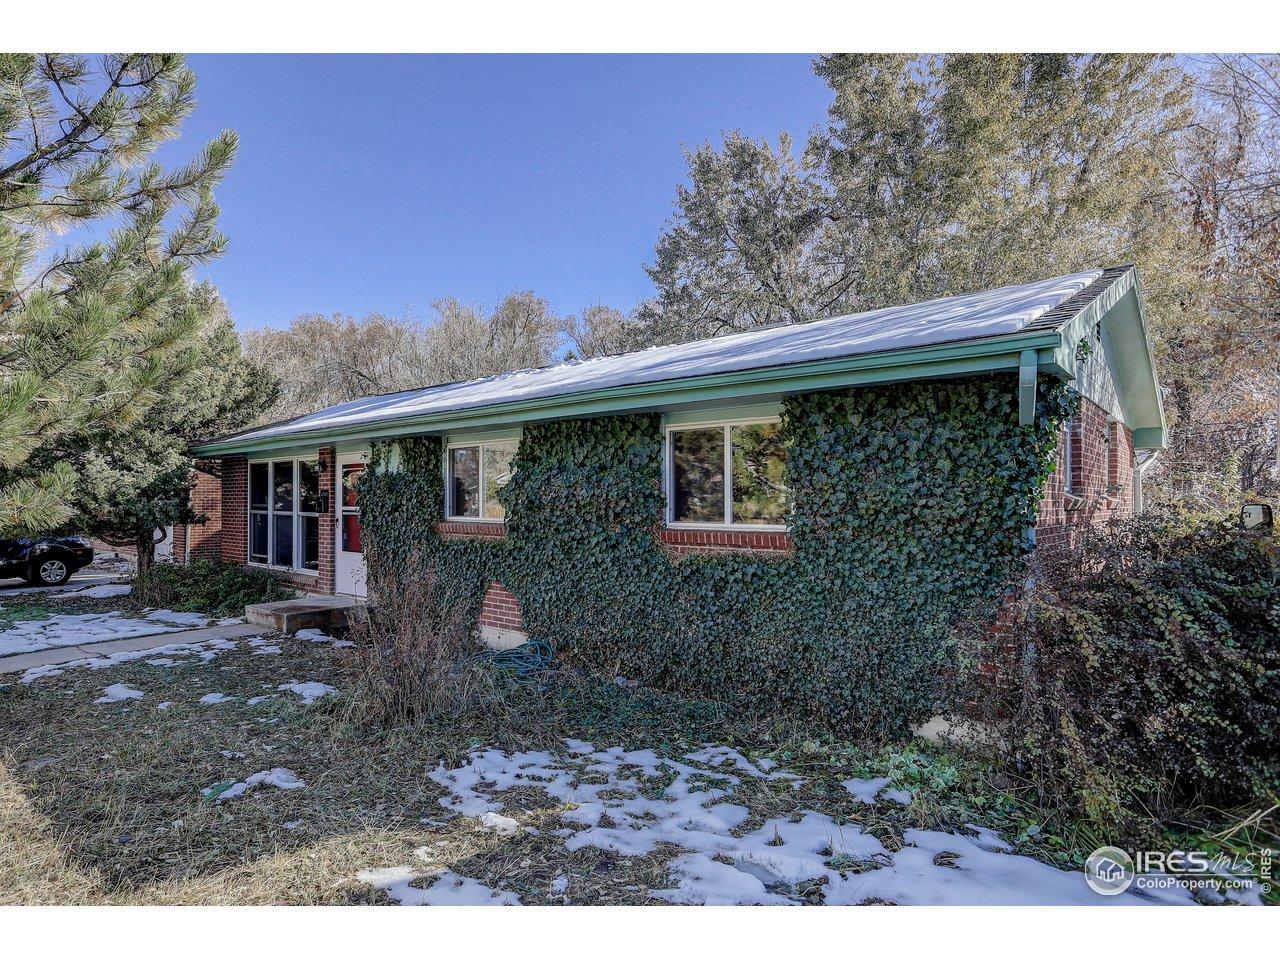 2200 Edgewood Dr, Boulder CO 80304